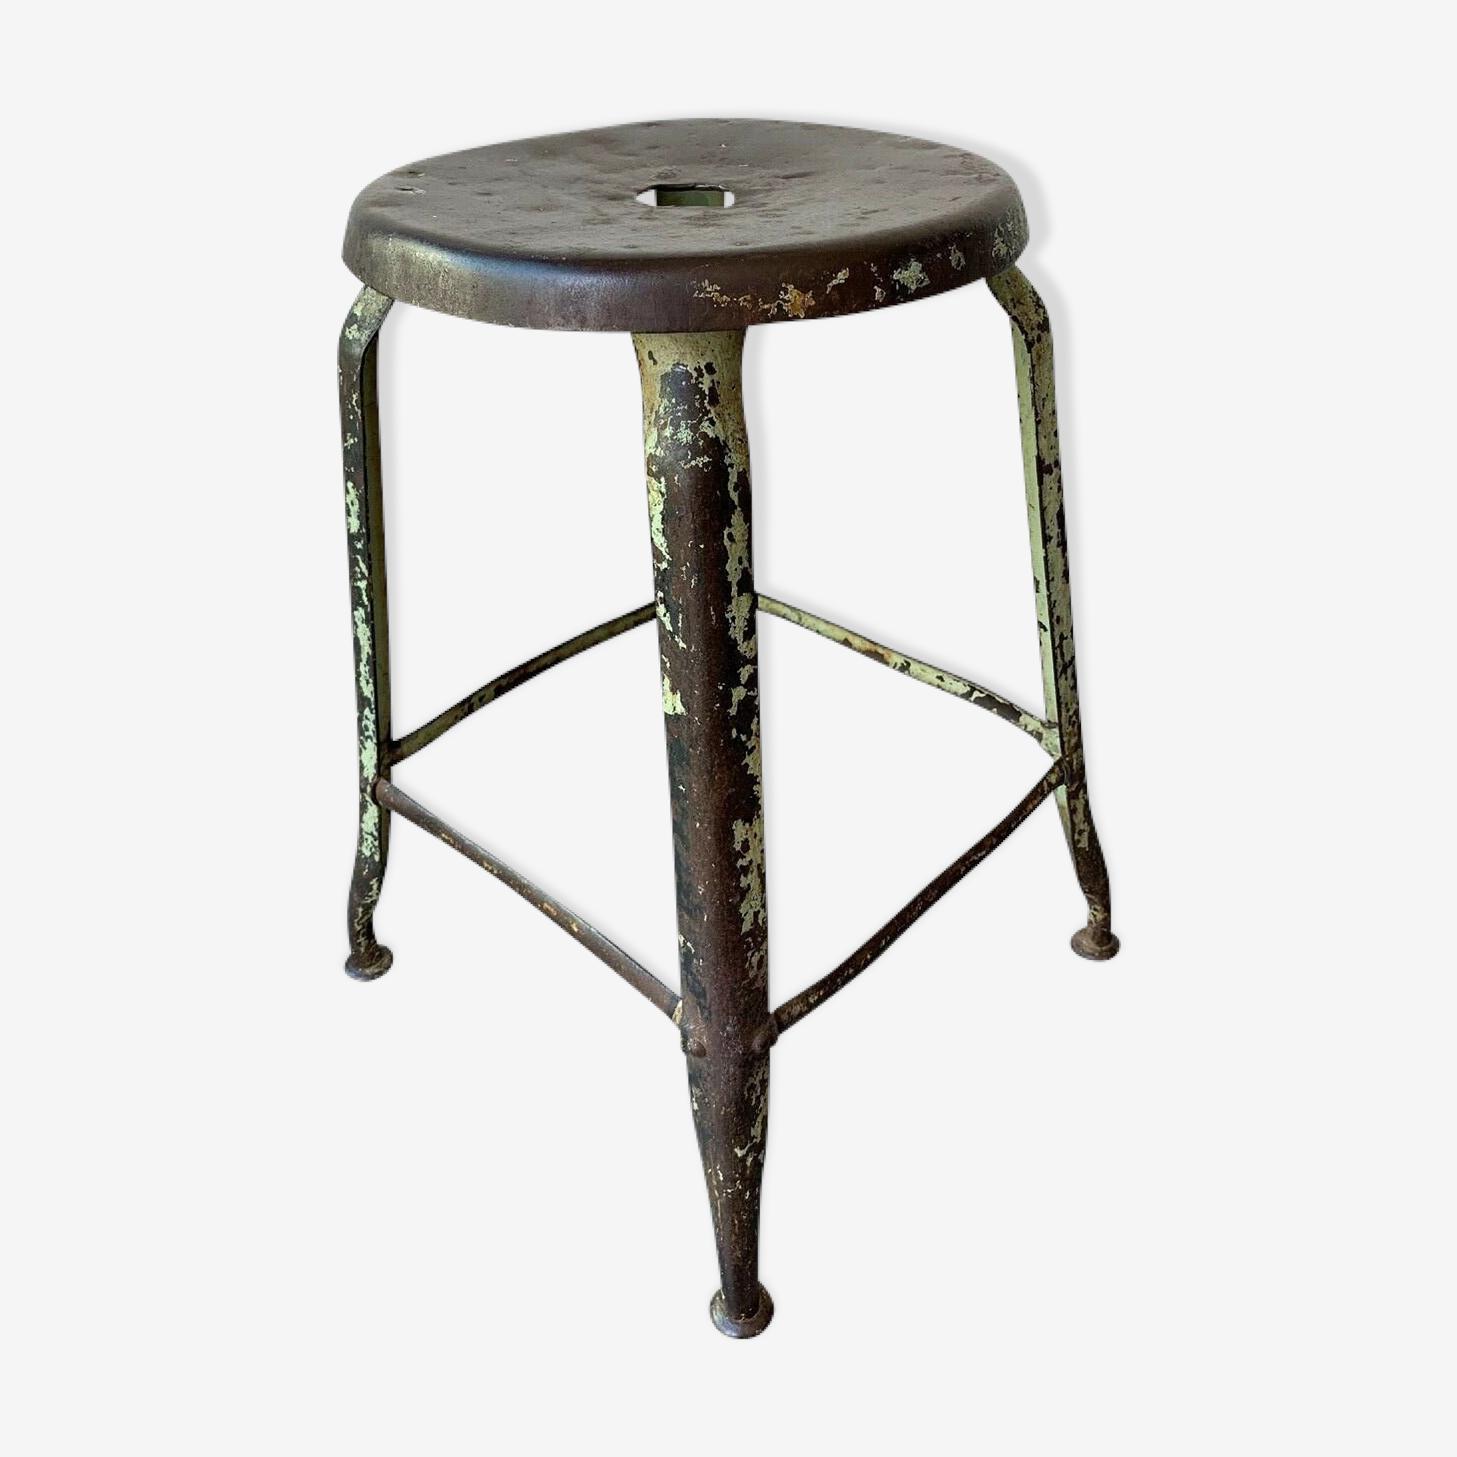 Industrial metal workshop stool